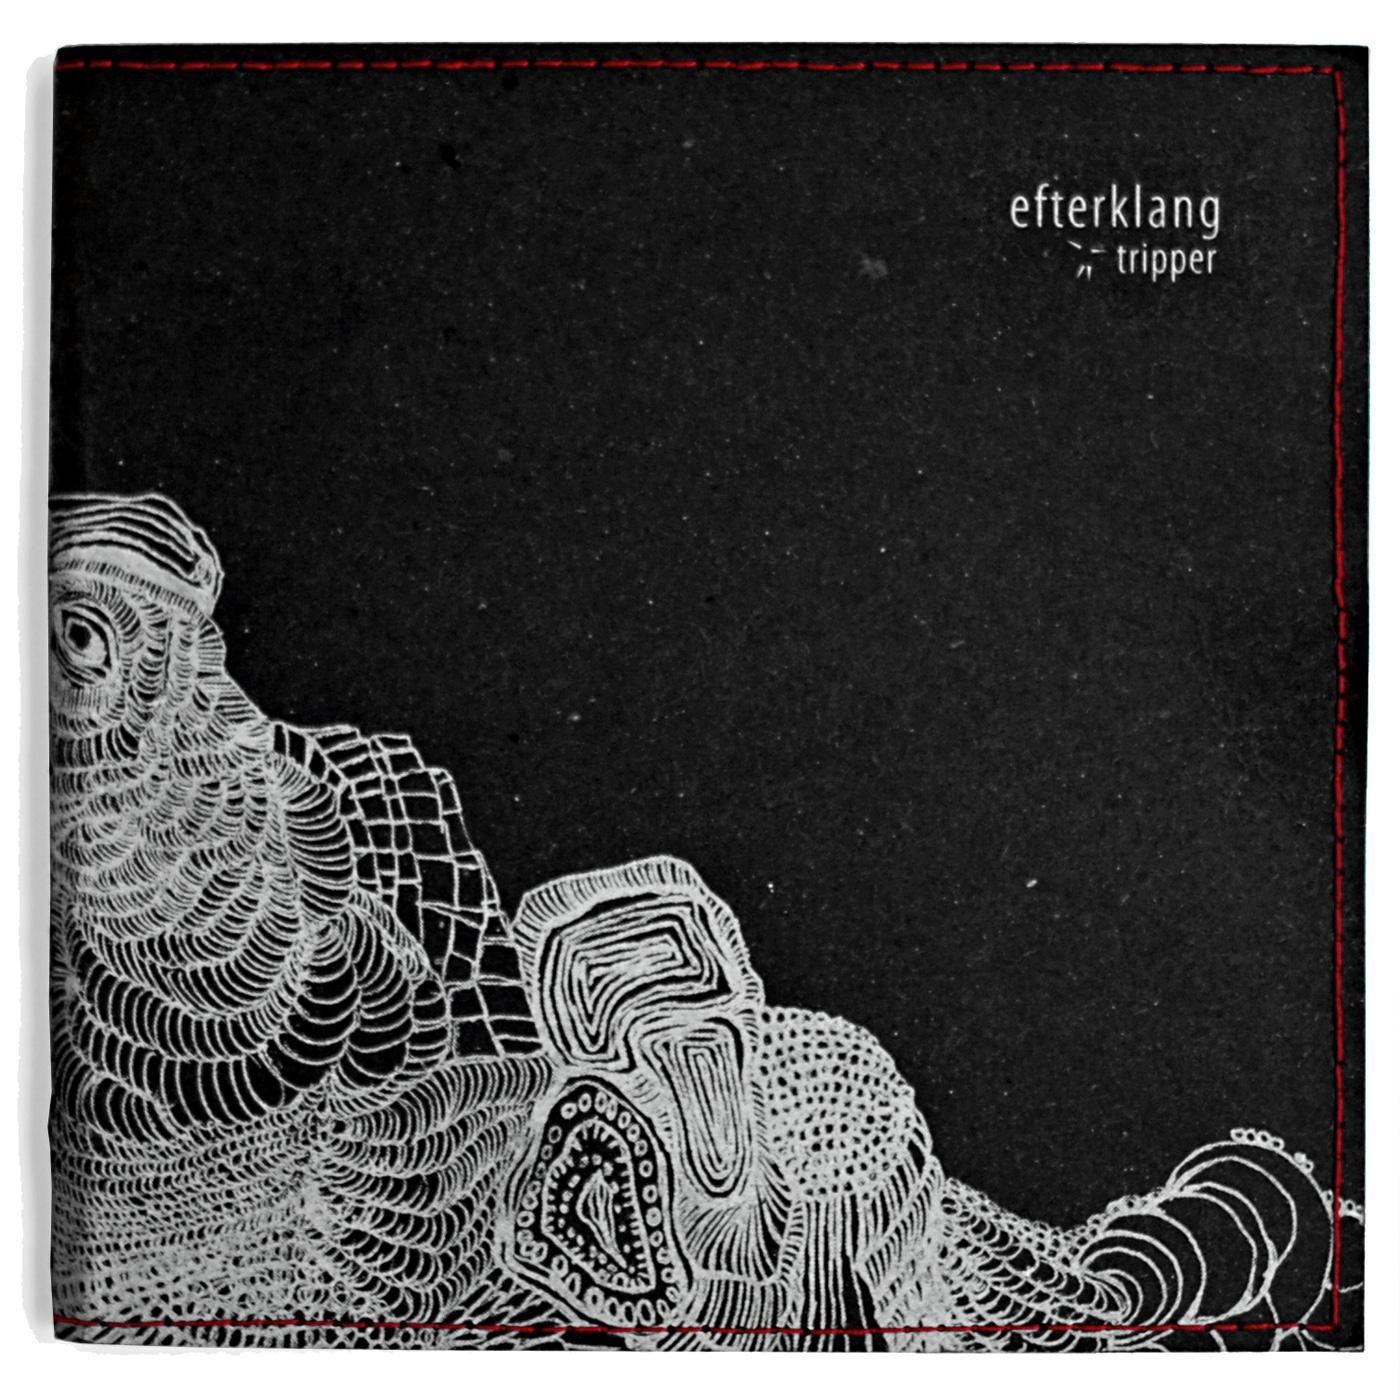 Tripper - 2004 - Efterklang(album)